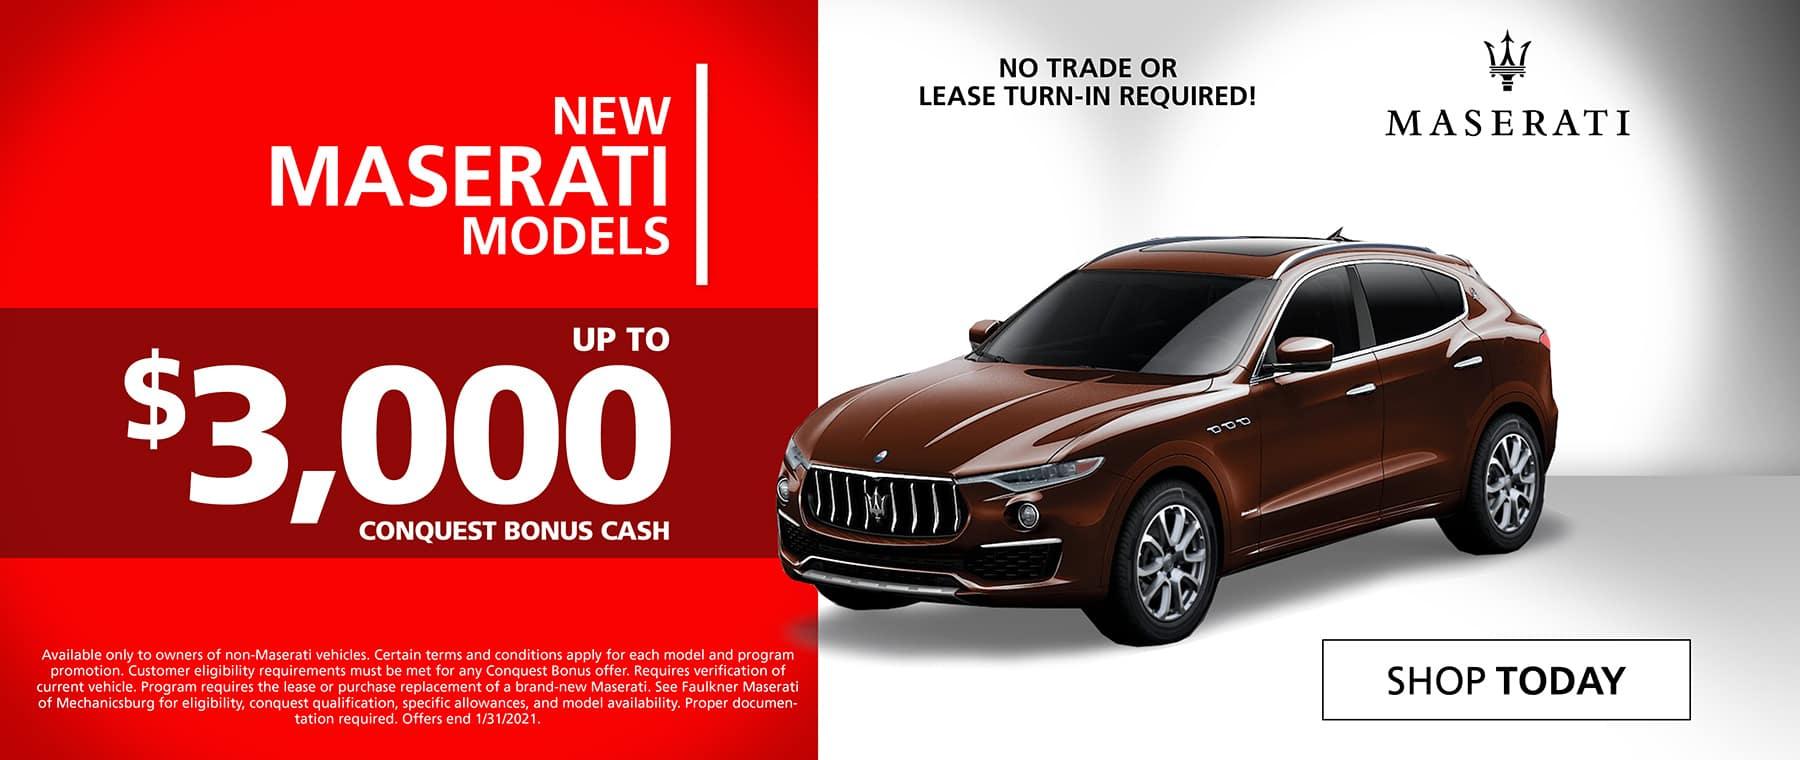 Maserati Conquest Bonus Cash